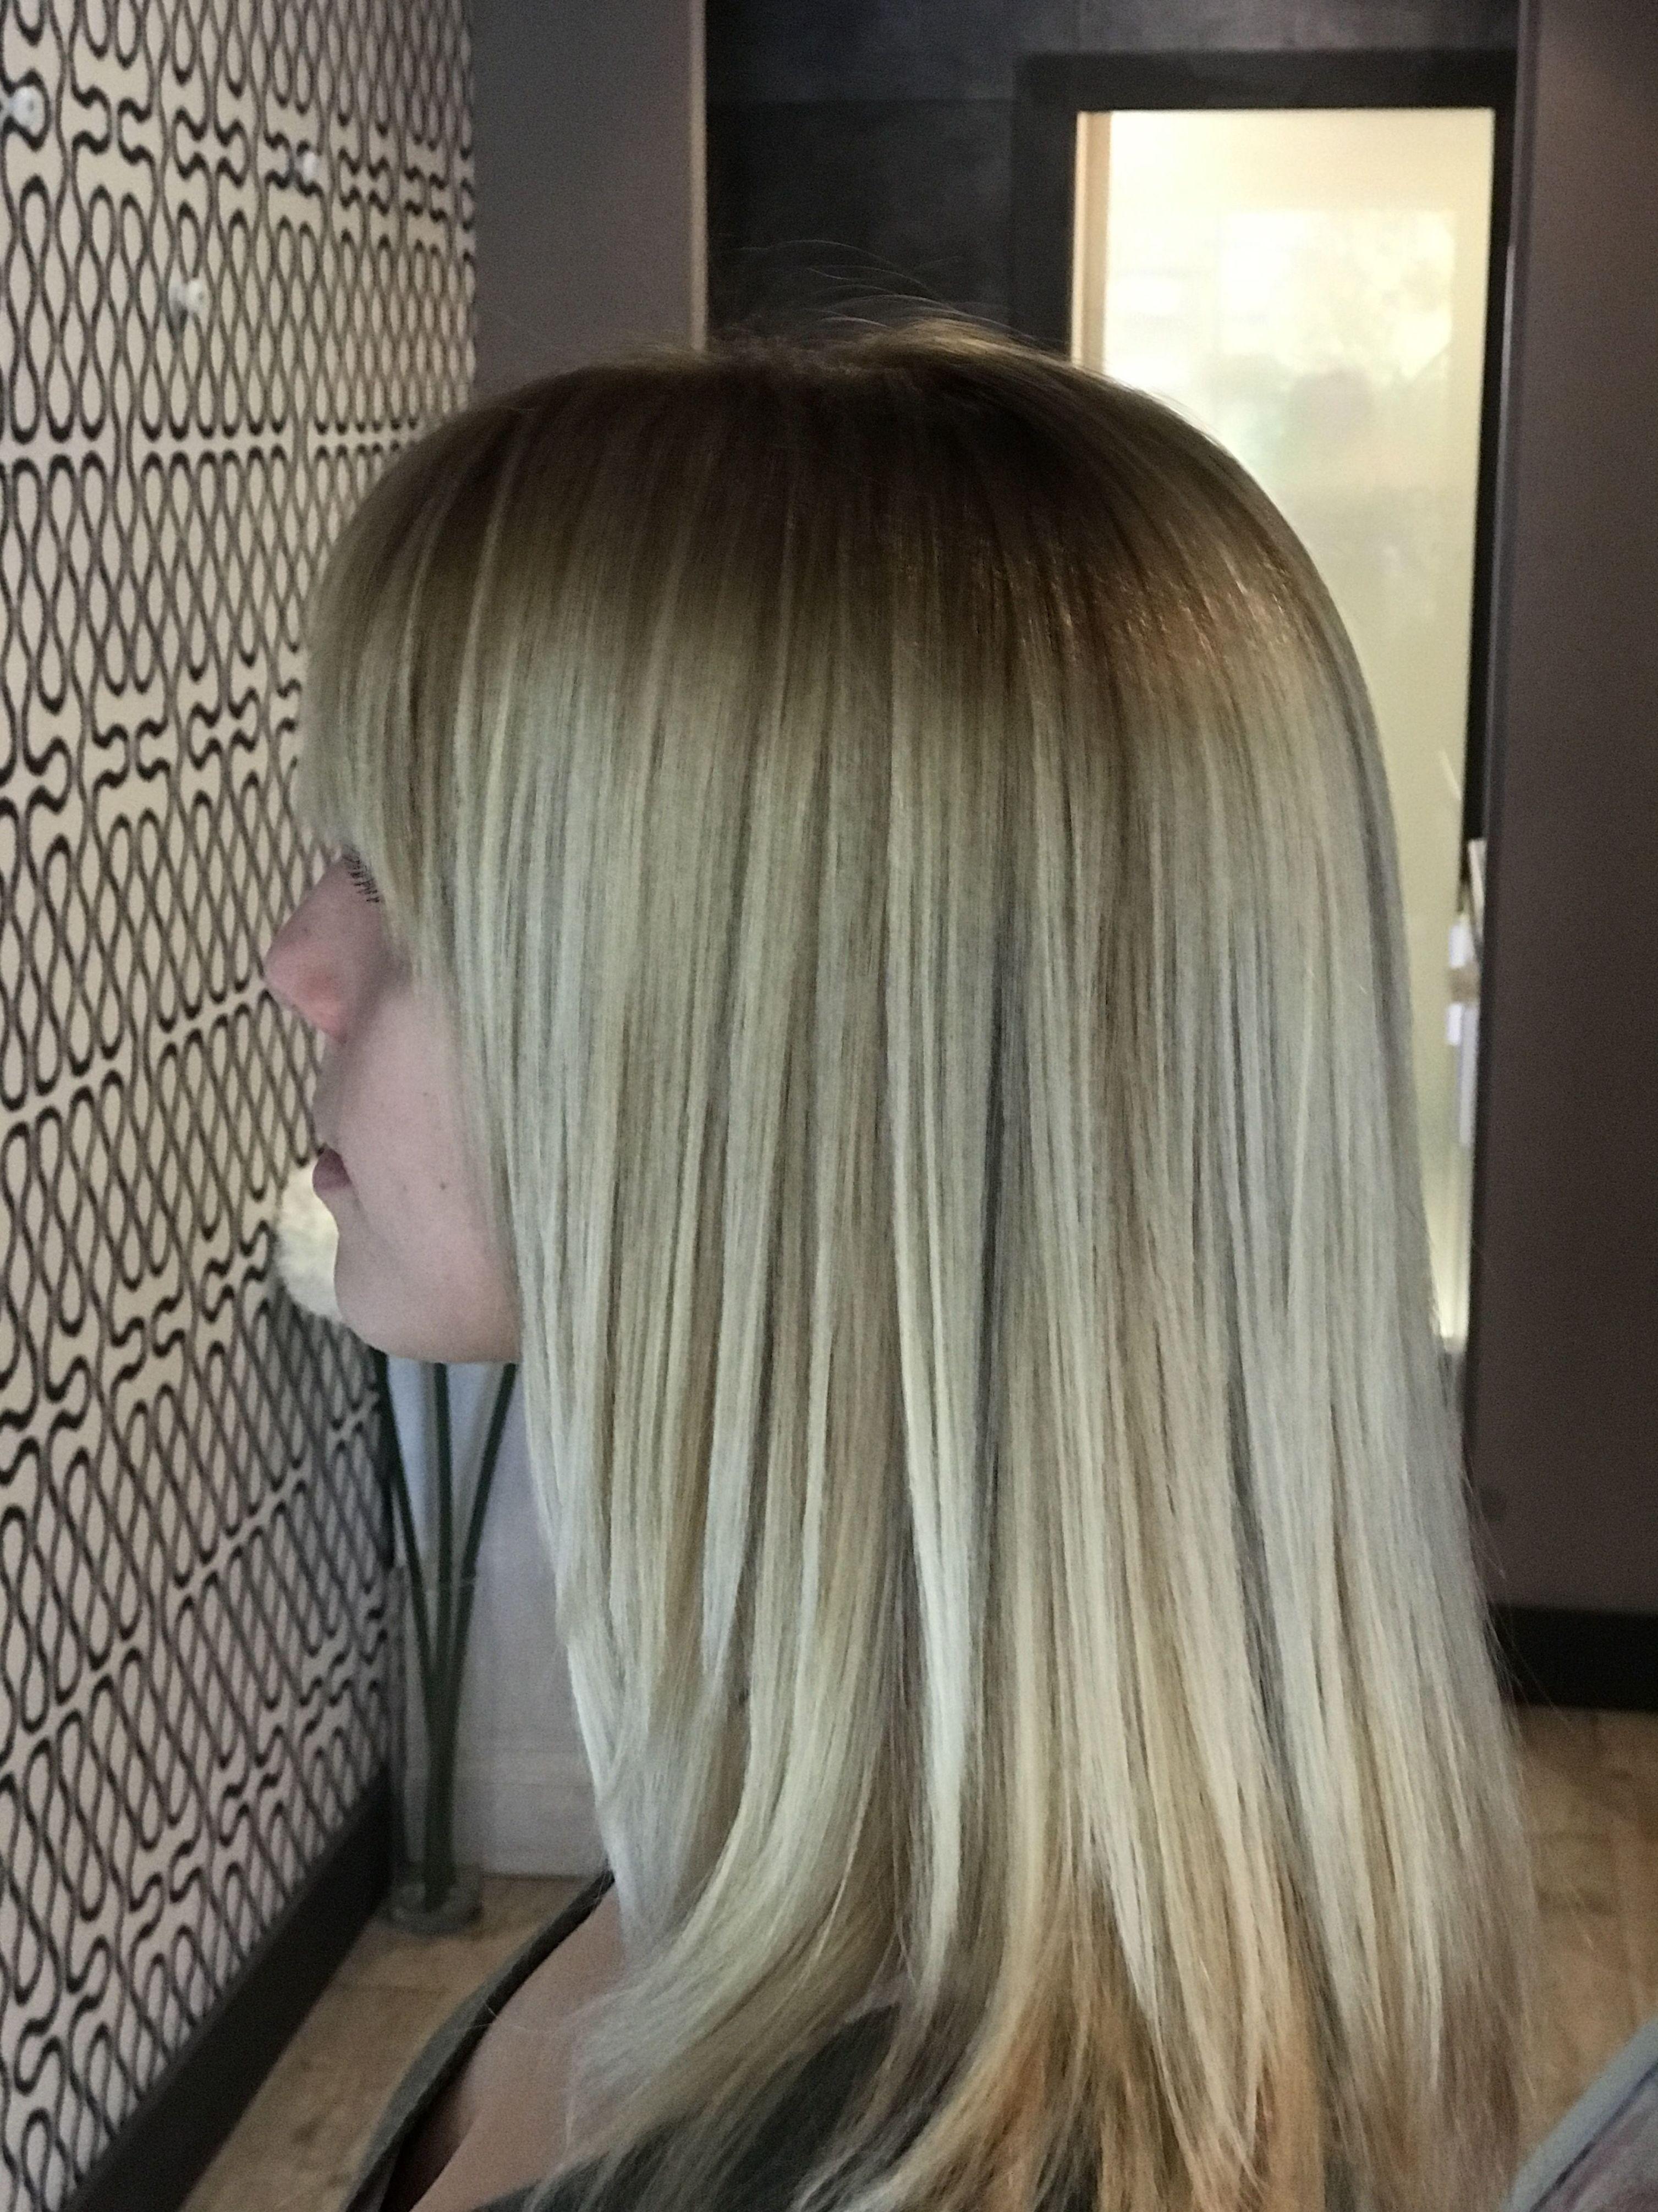 Taninoplastia: Servicios de peluquería de Sonia Atanes